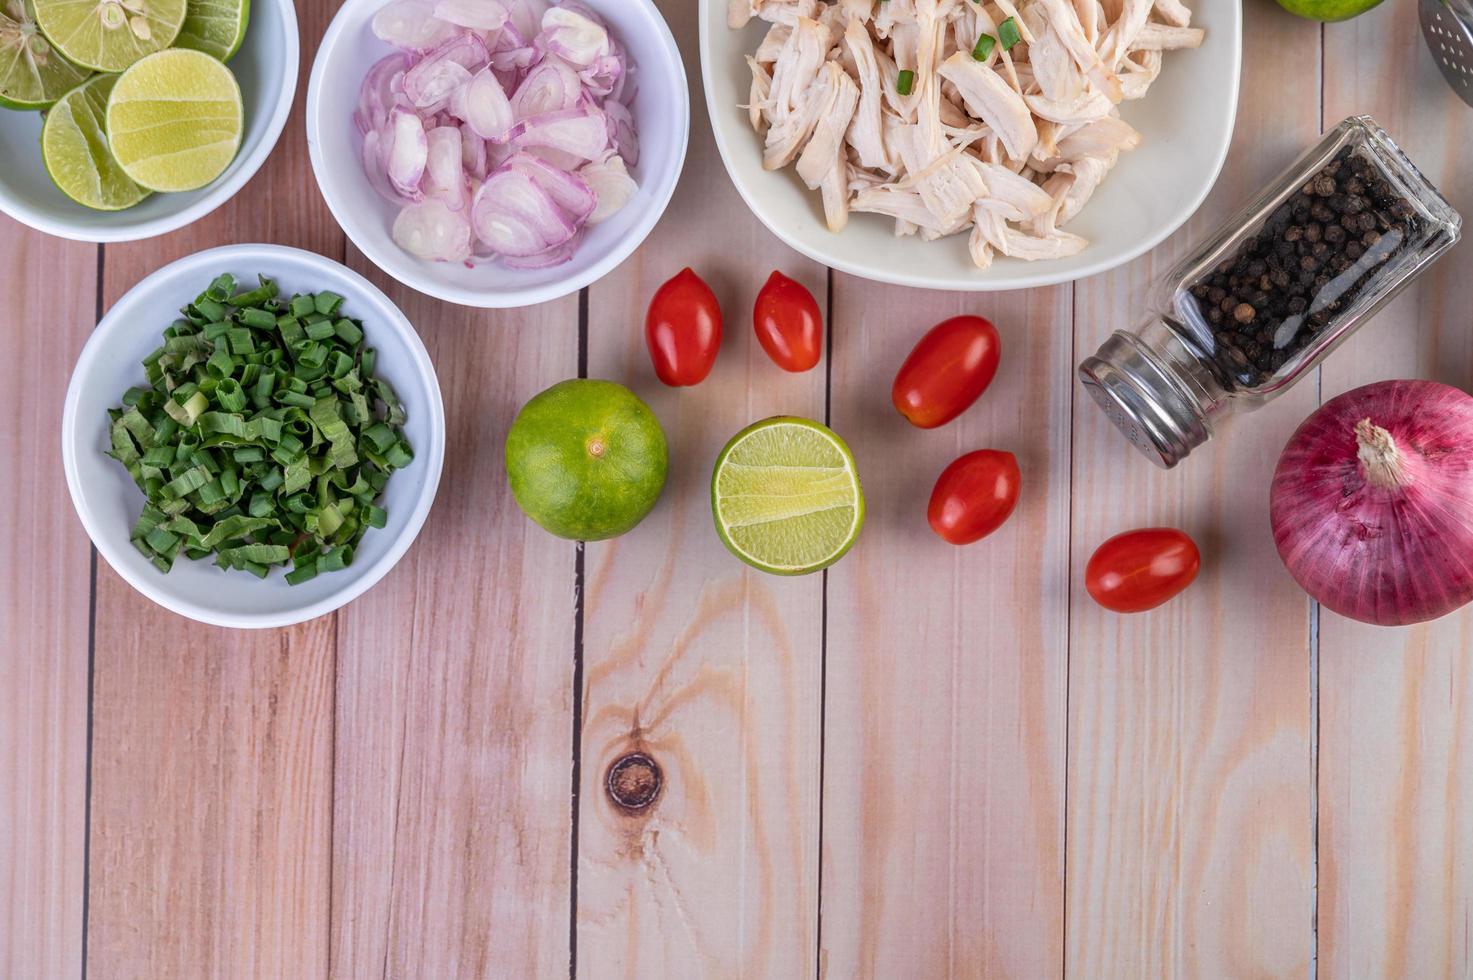 gekookte stukjes kip met groenten en kruiden op een houten tafel foto